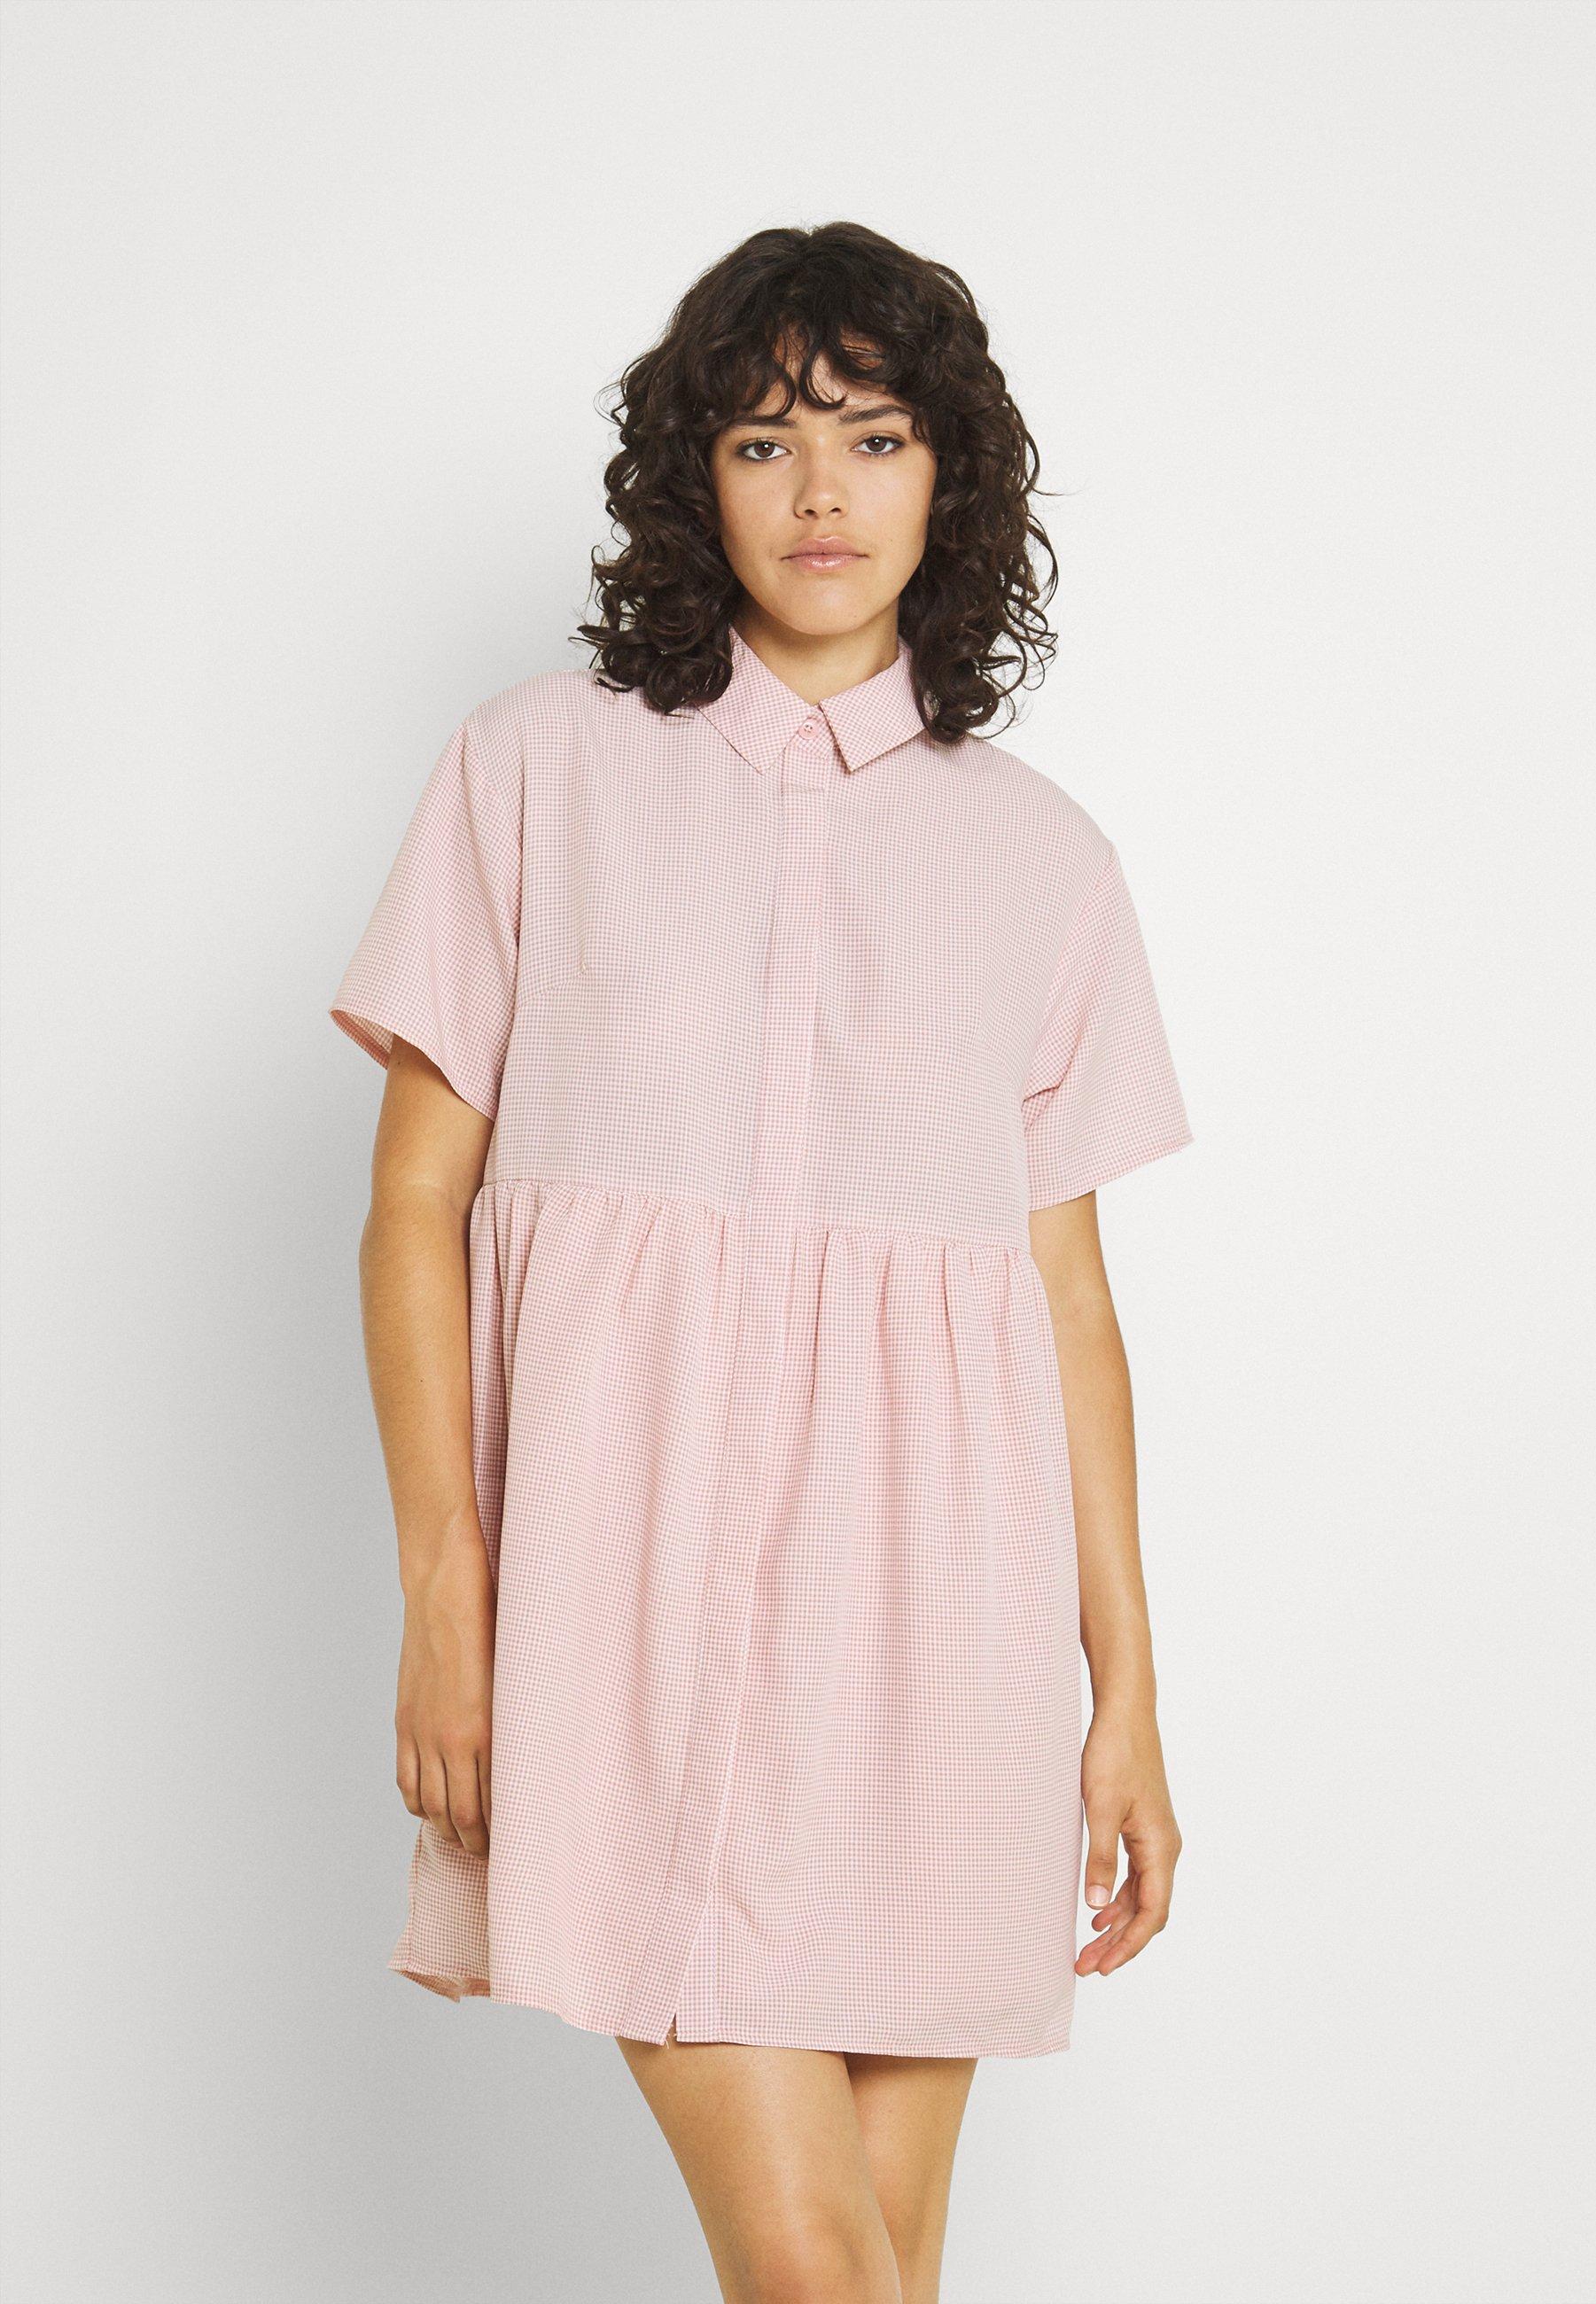 Donna SMOCK DRESS - Abito a camicia